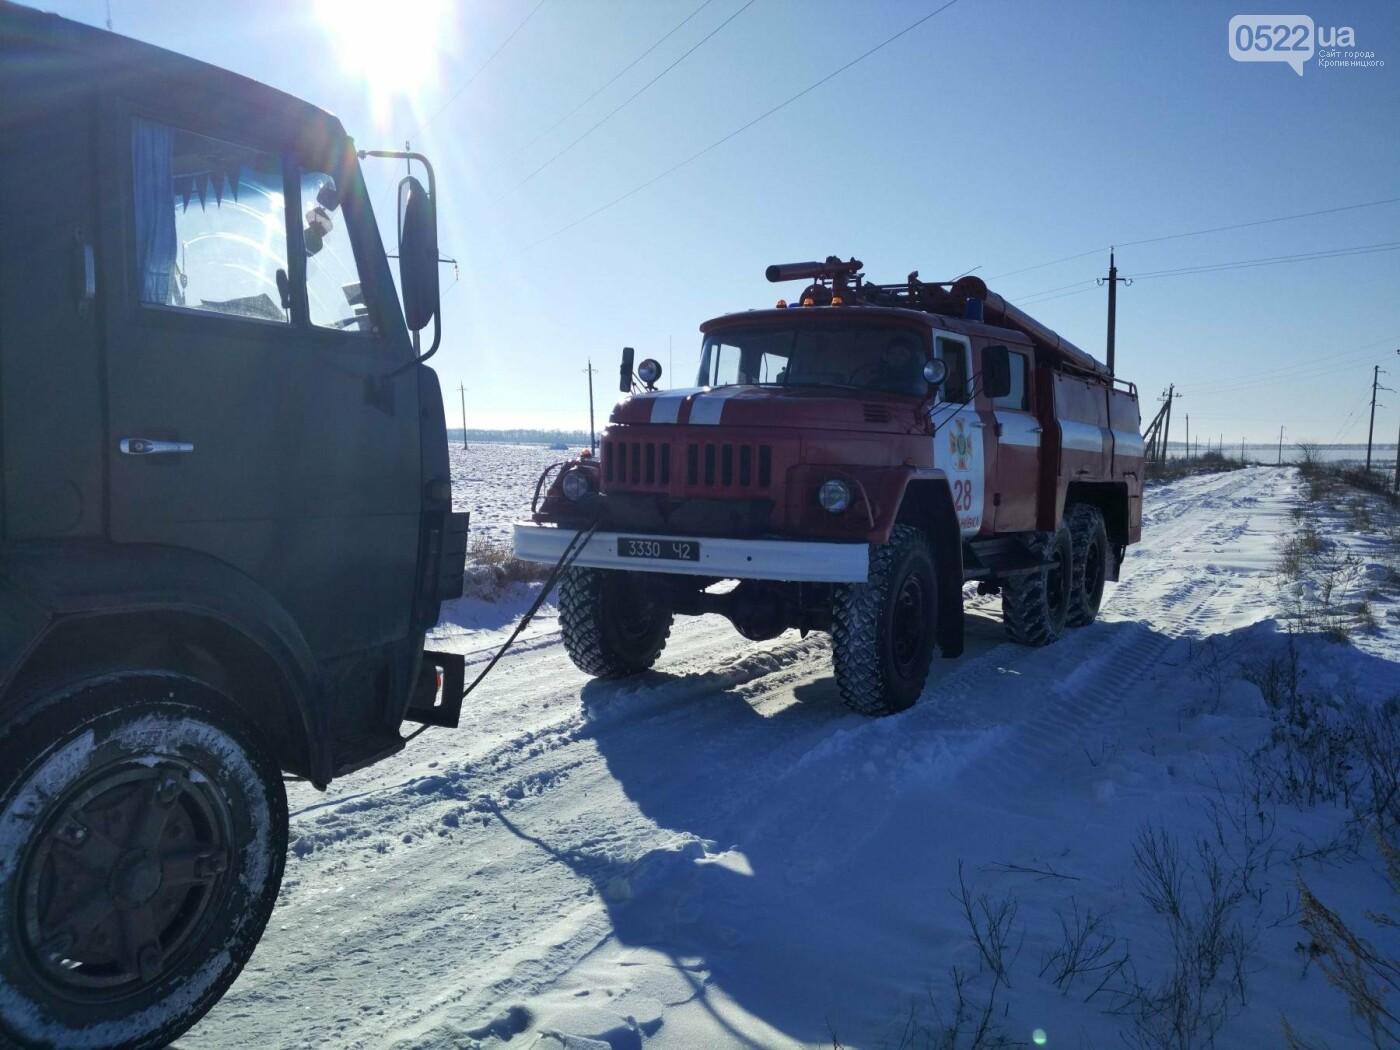 Кіровоградська область: минулої доби рятувальники відбуксирували 9 автомобілів із складних ділянок автошляхів, фото-1